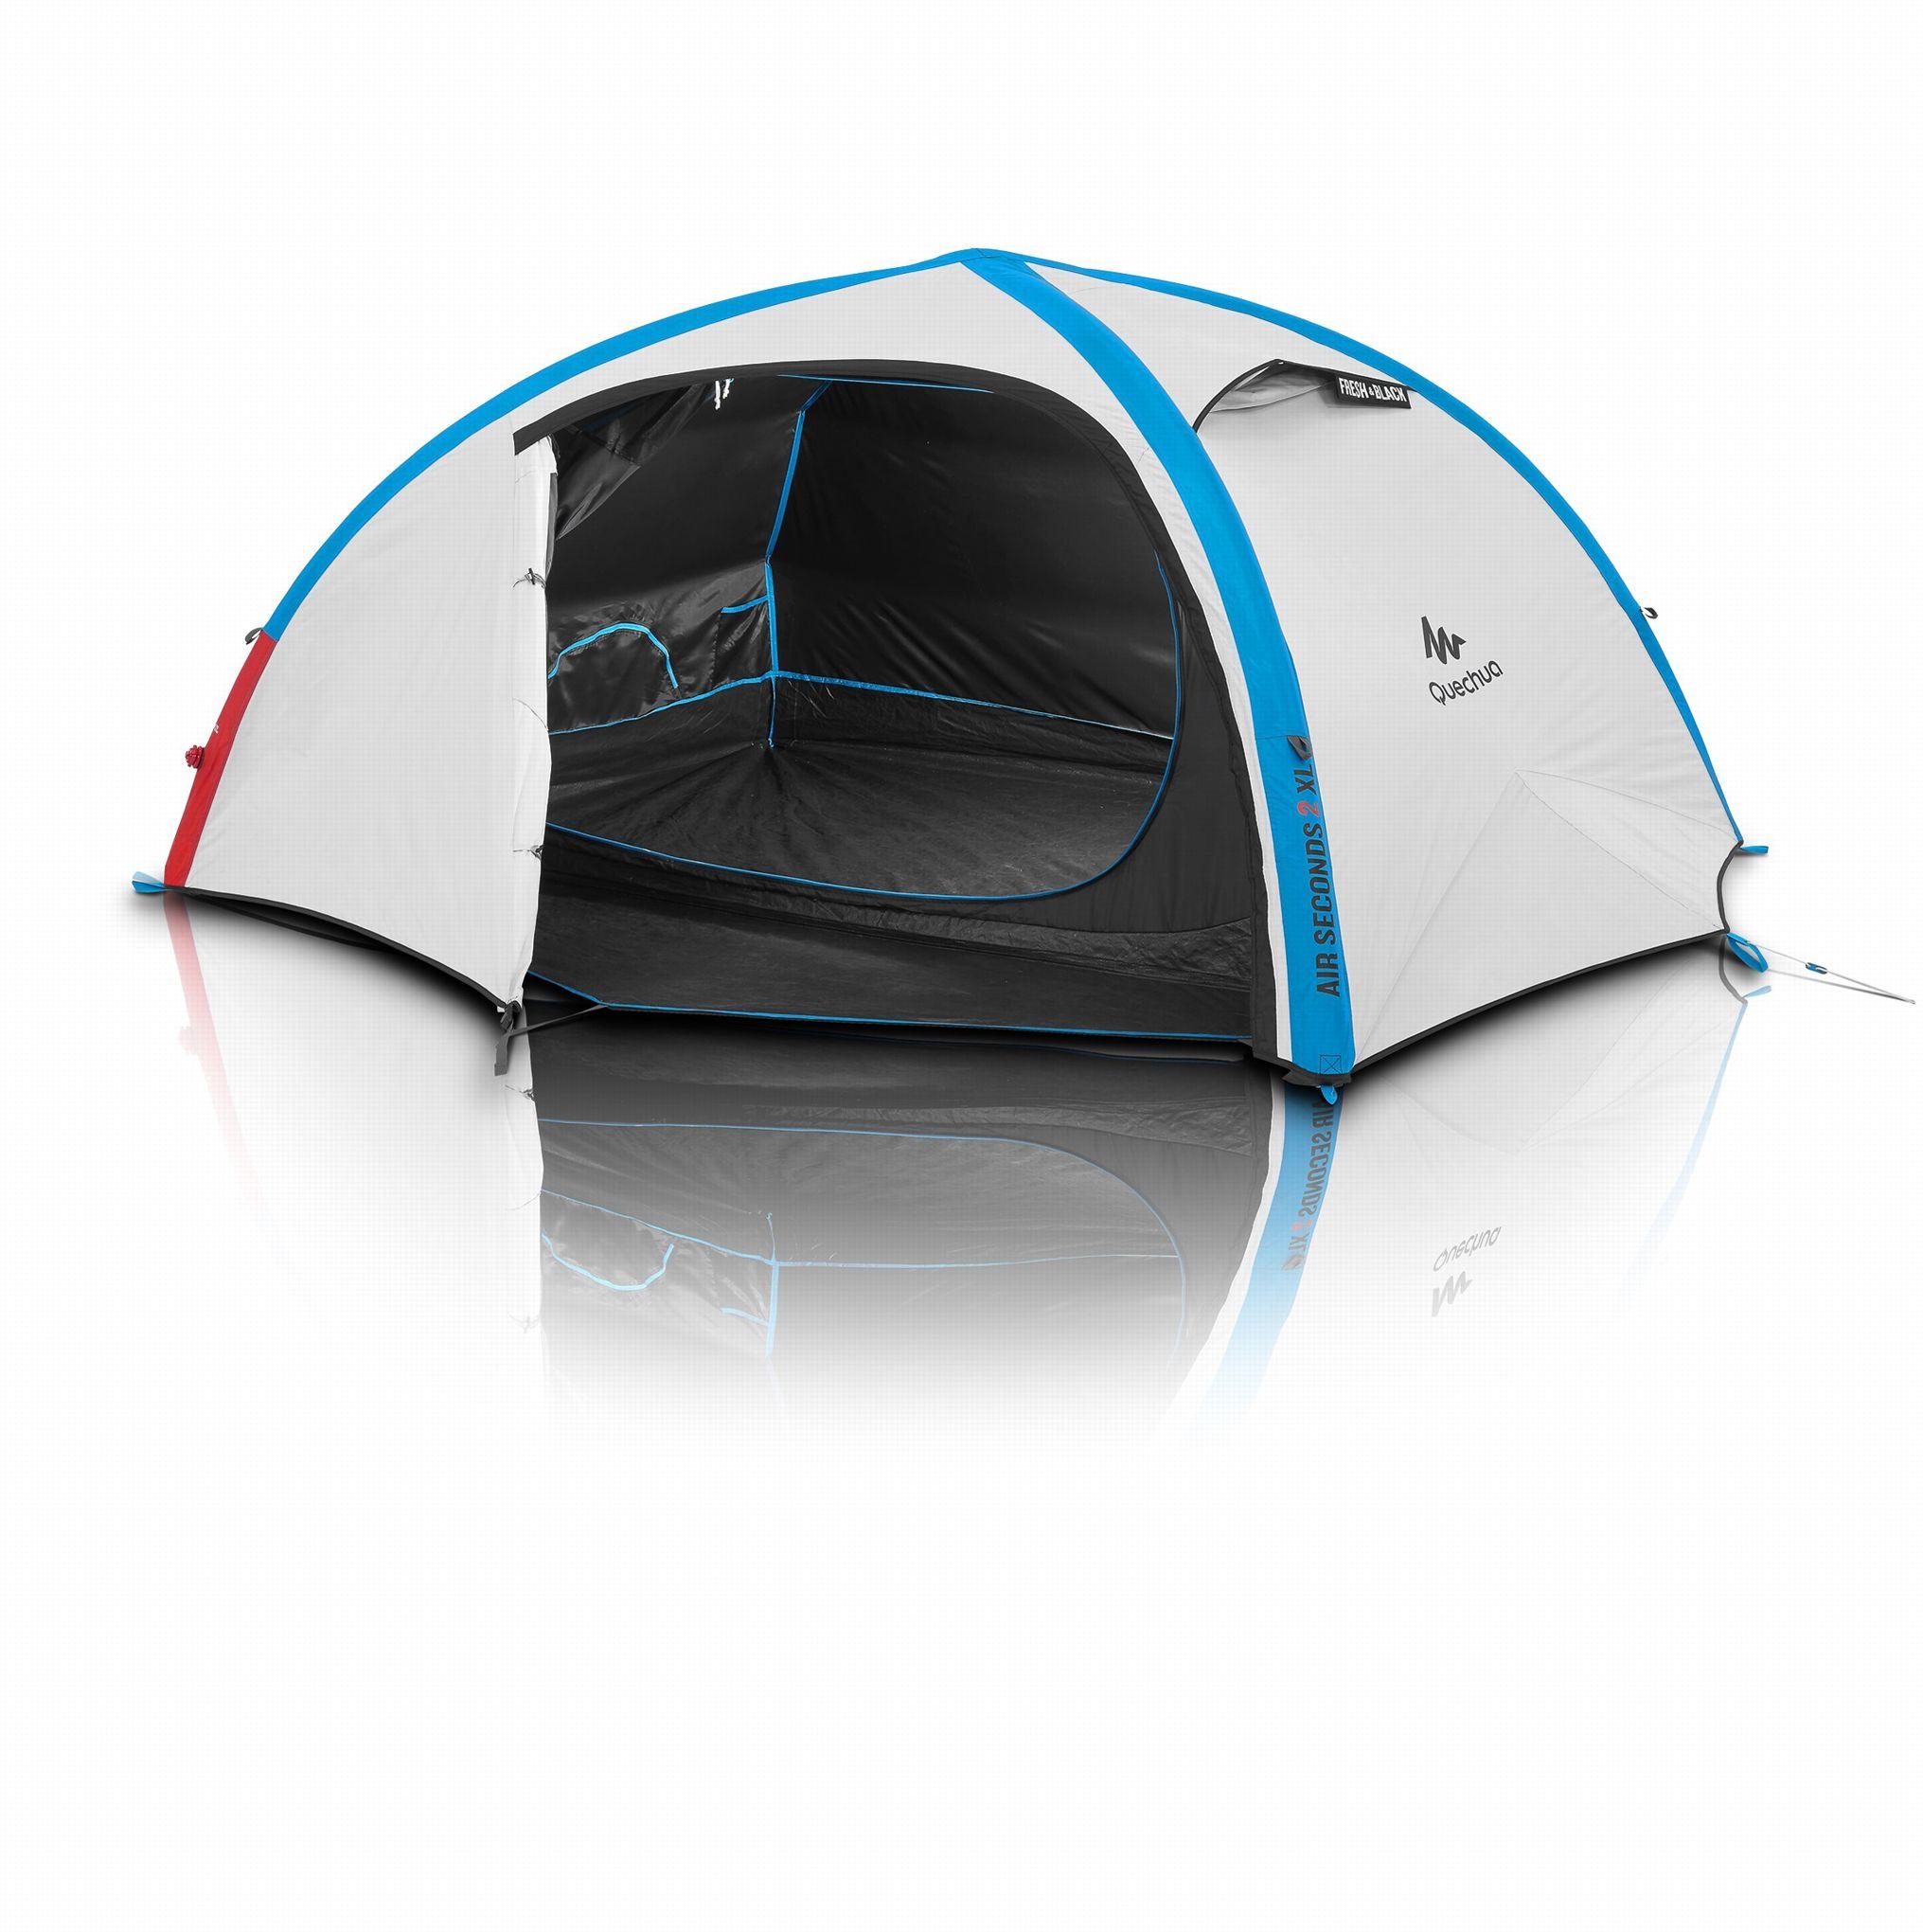 Quechua le camping 5 toiles en 2 minutes pompe en main for Toile de tente 4 chambres